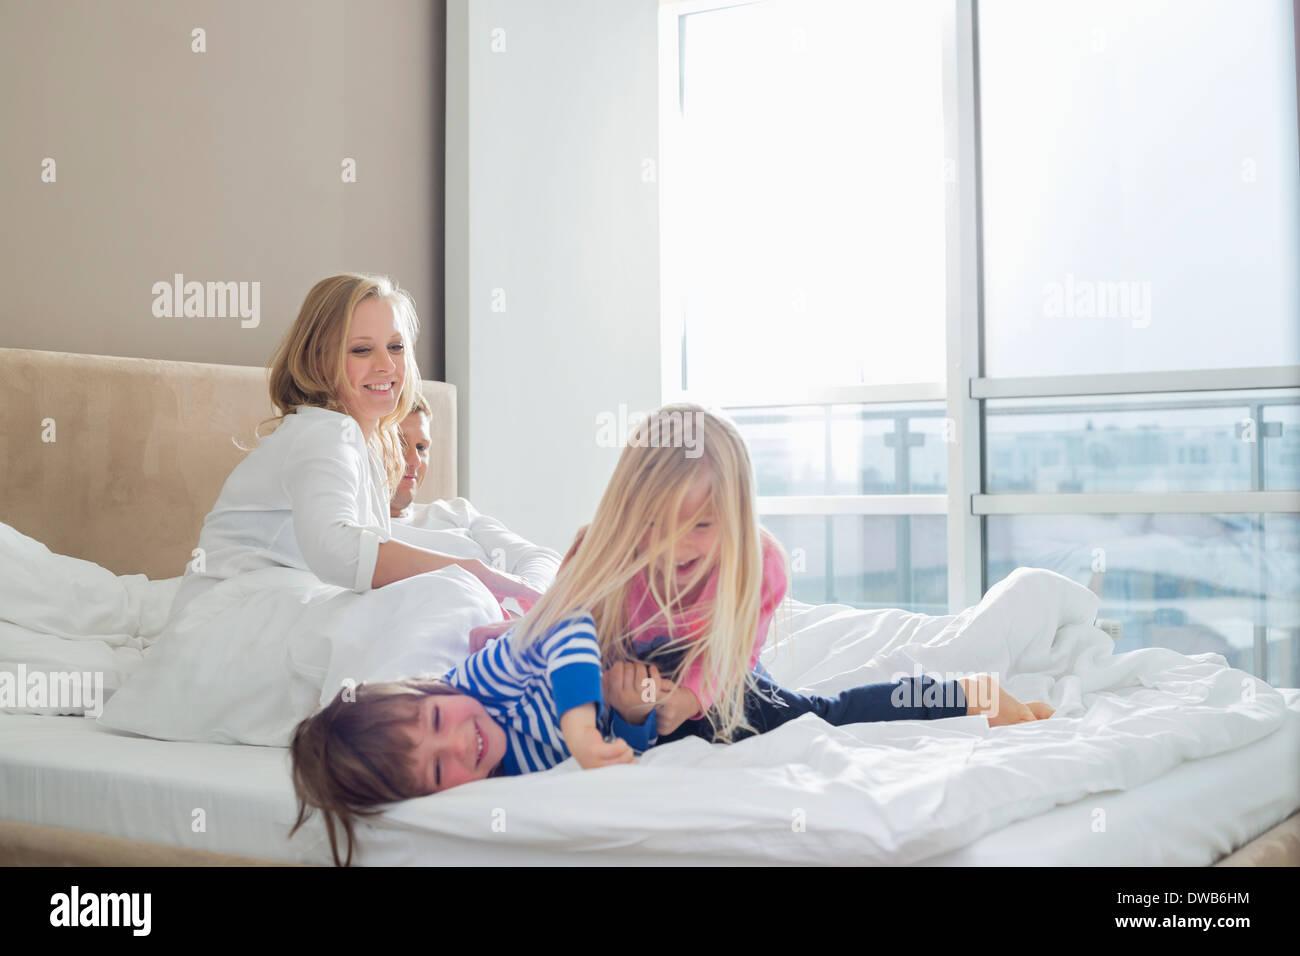 Blick auf verspielte Kinder im Zimmer der Eltern Stockbild